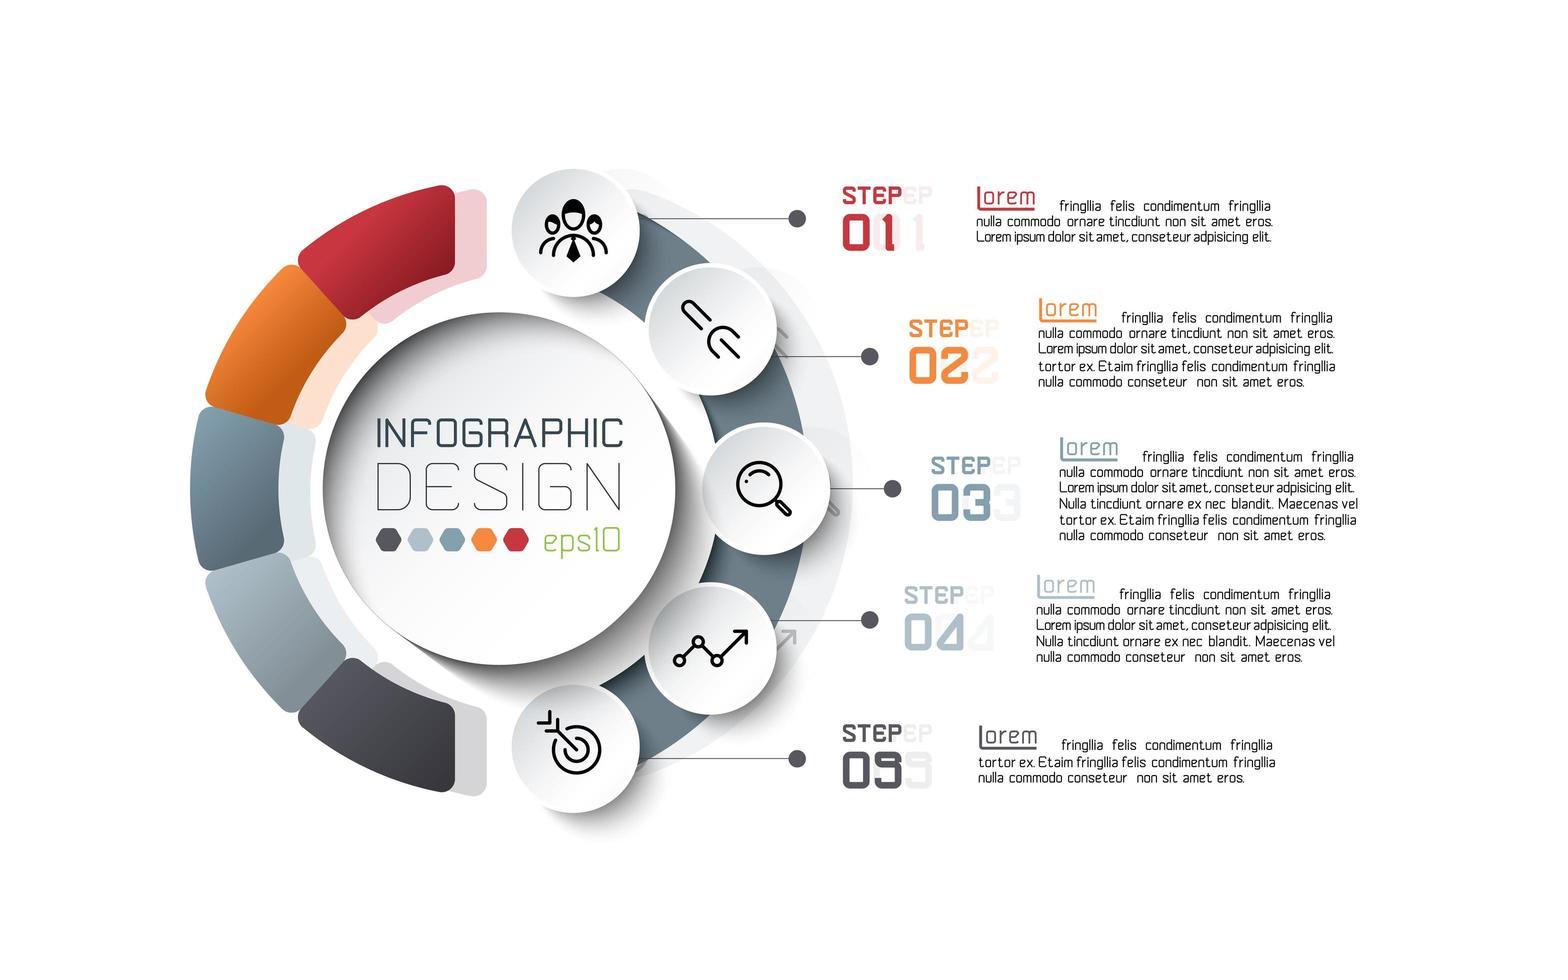 conception infographique de cercle segmenté coloré vecteur